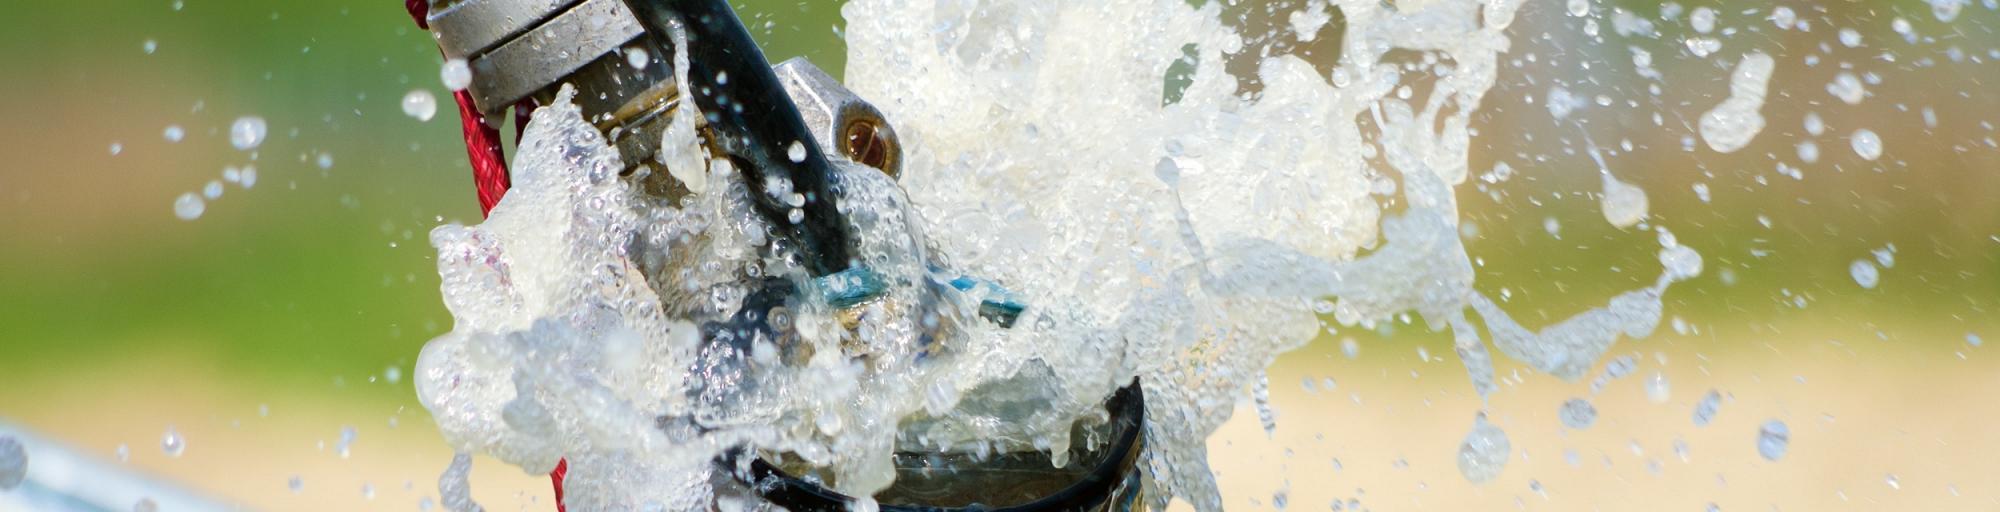 Wasser & Pumpen leihen